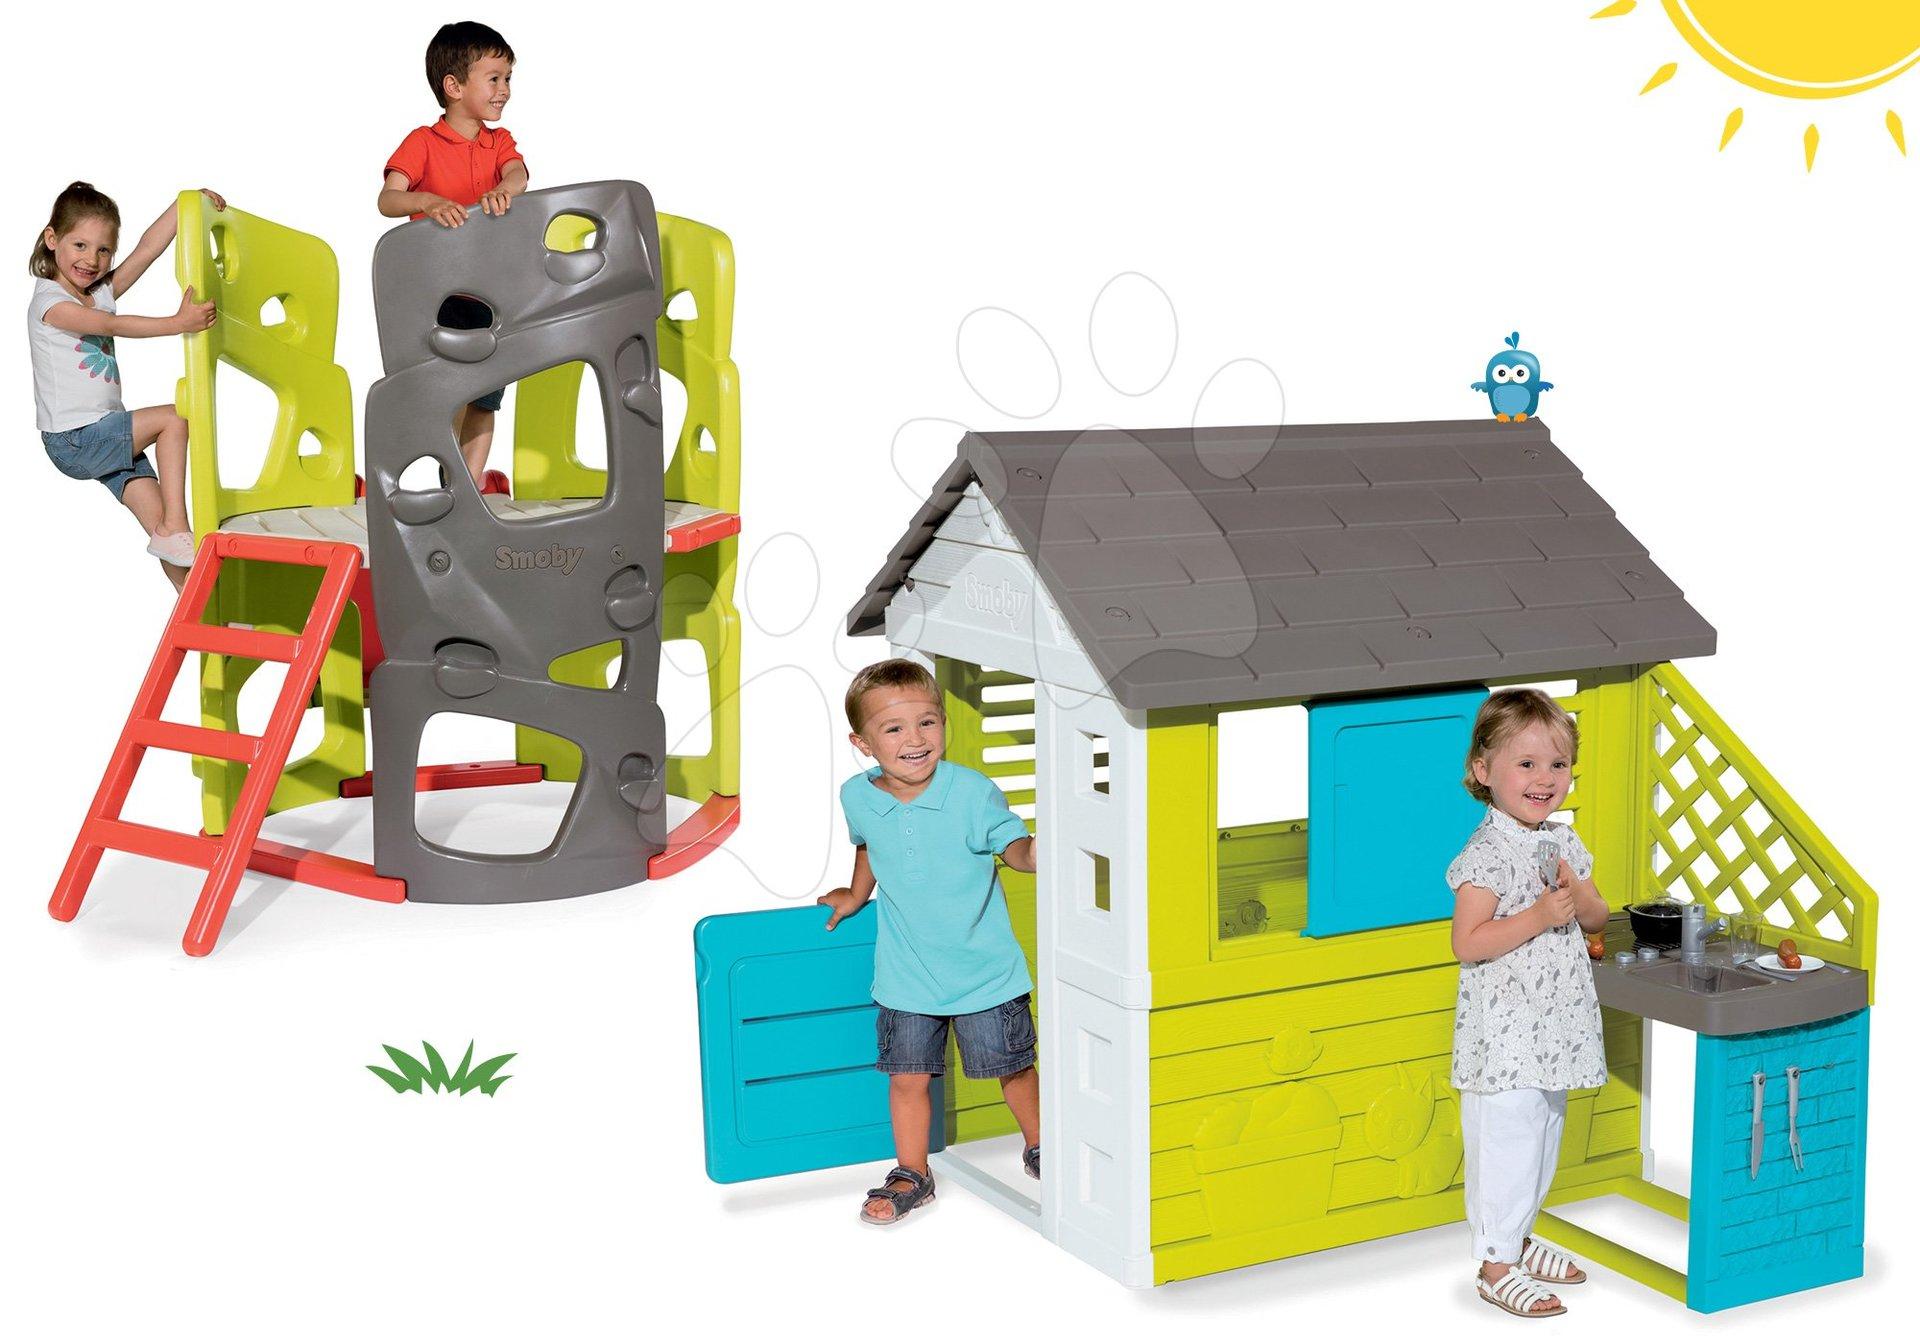 Set domeček Pretty Blue Smoby s letní kuchyňkou a prolézačka Multiactivity Climbing Tower od 24 měsíců